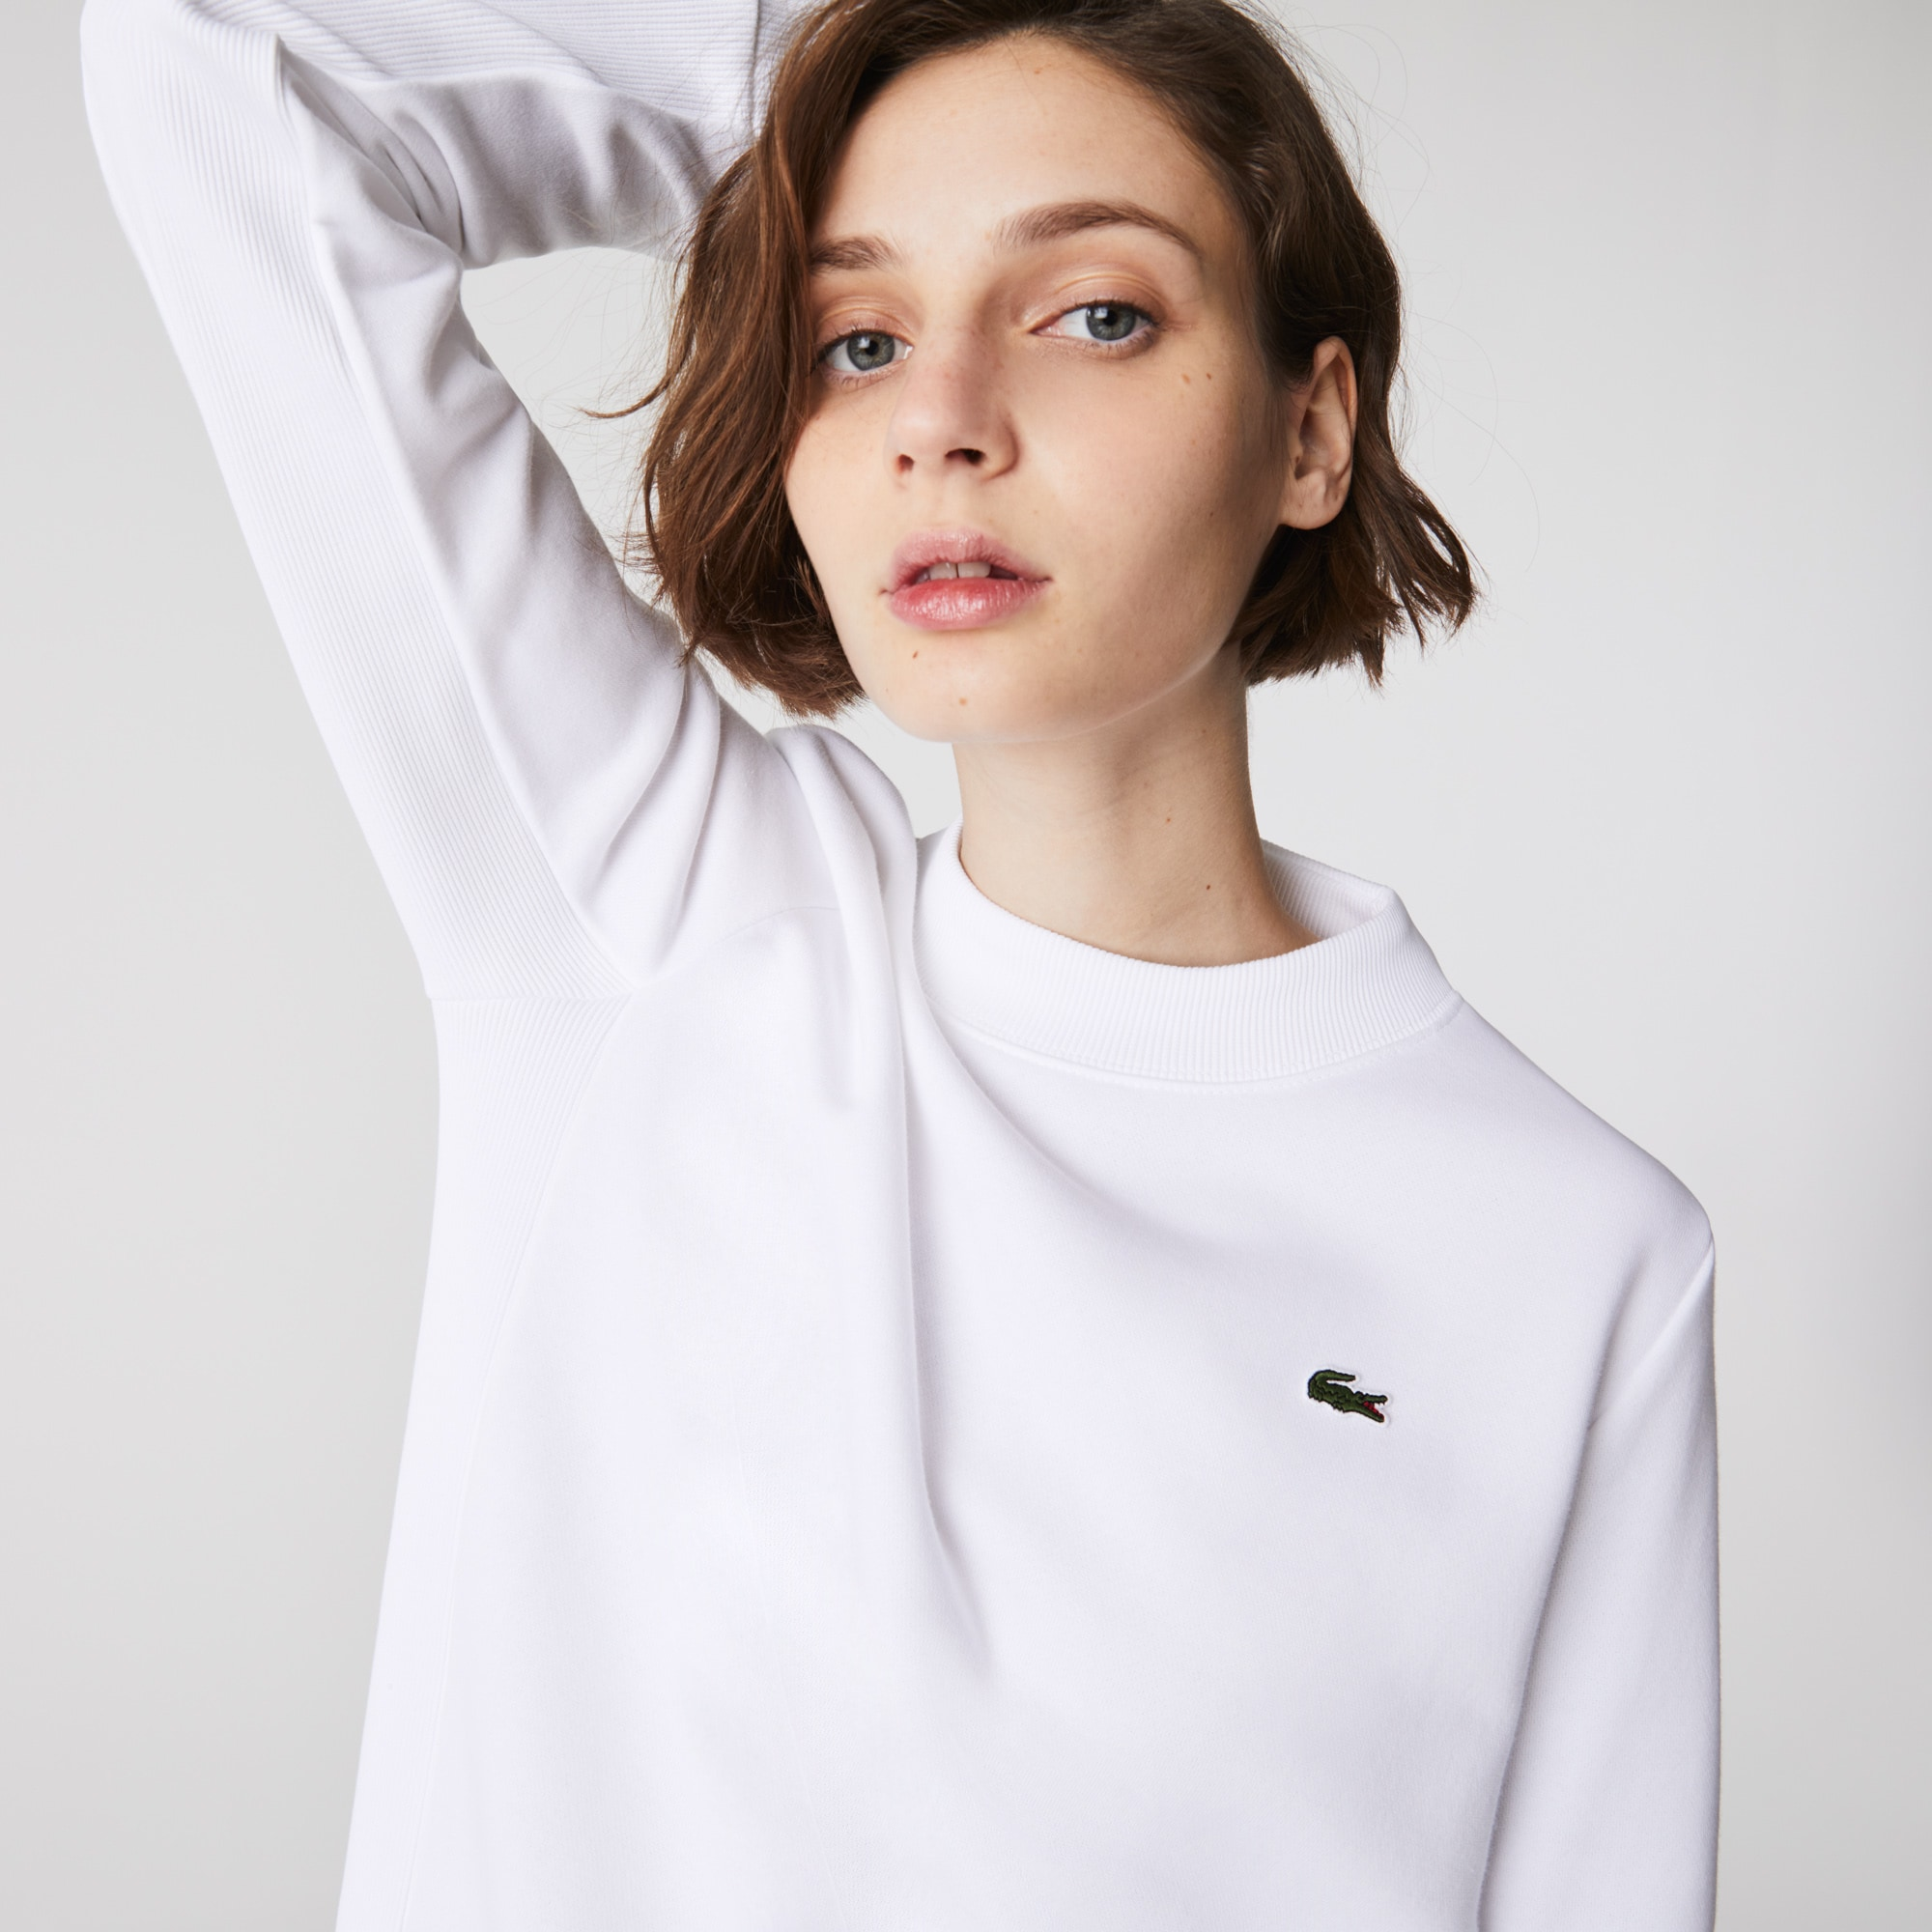 Lacoste Womens SPORT Fleece Tennis Sweatshirt